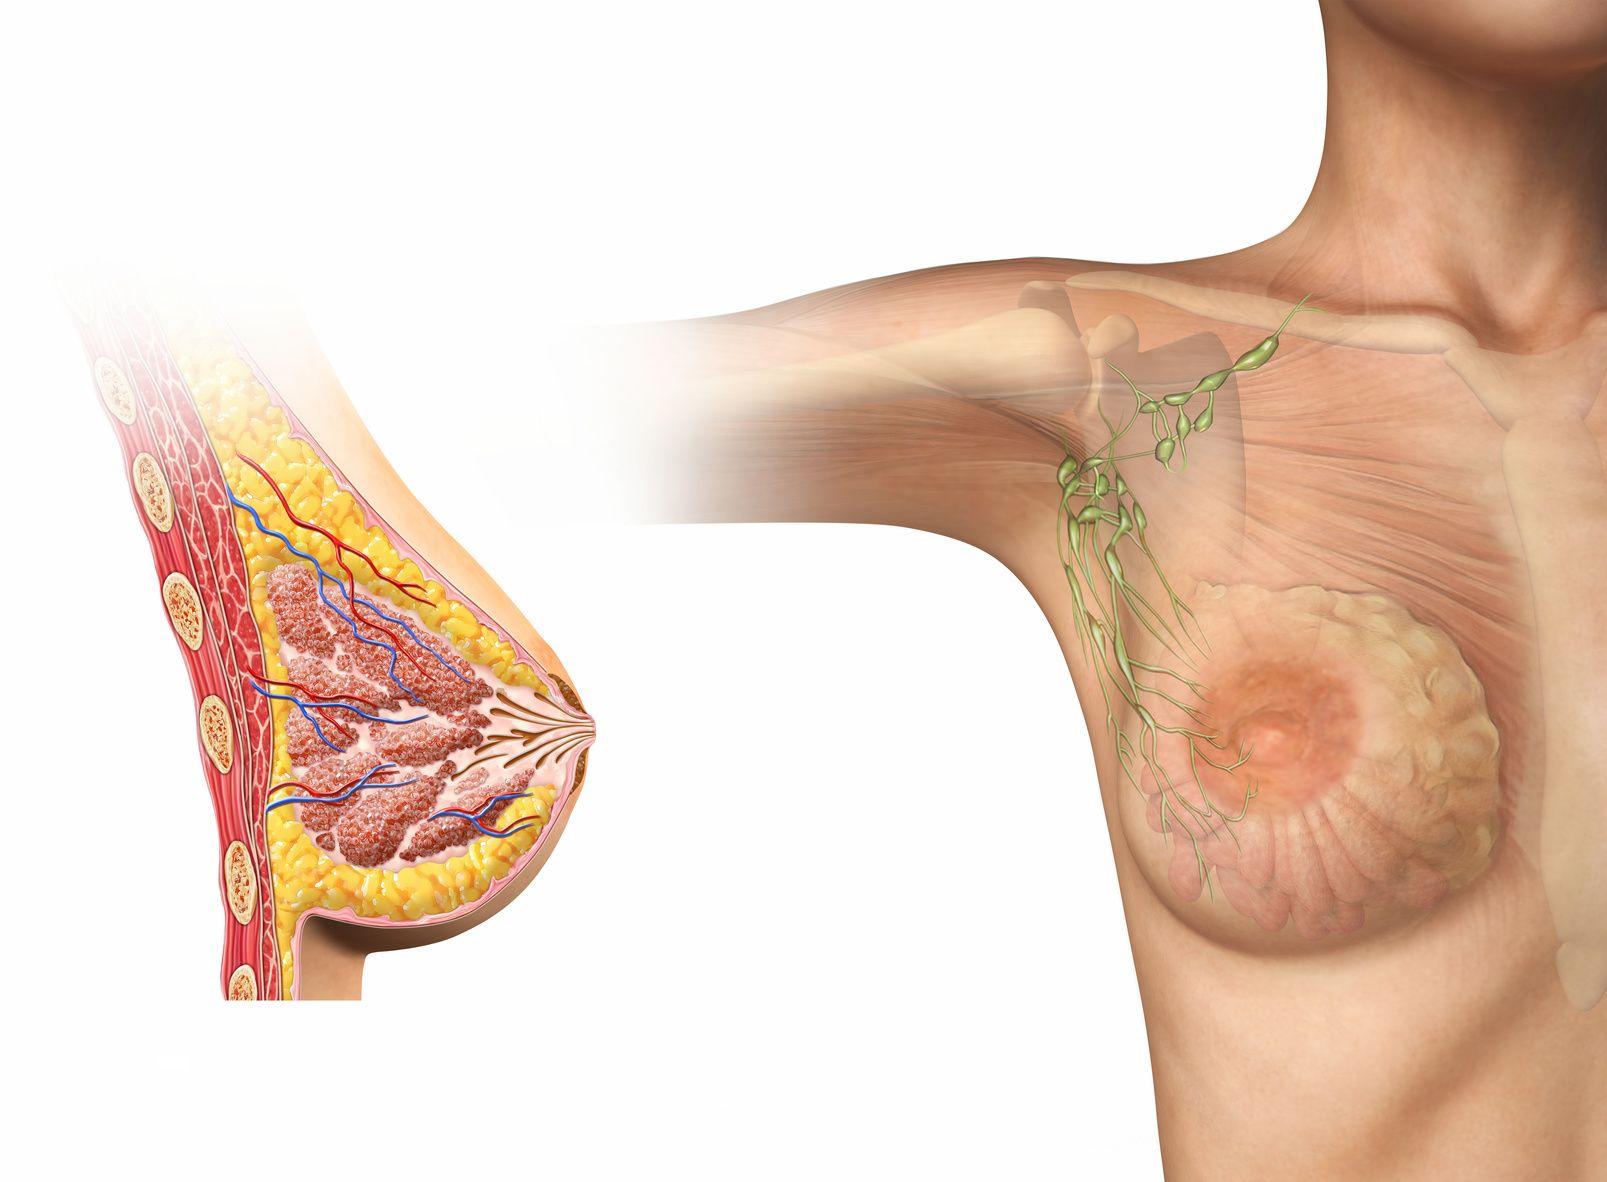 лимфоузлы в молочной железе